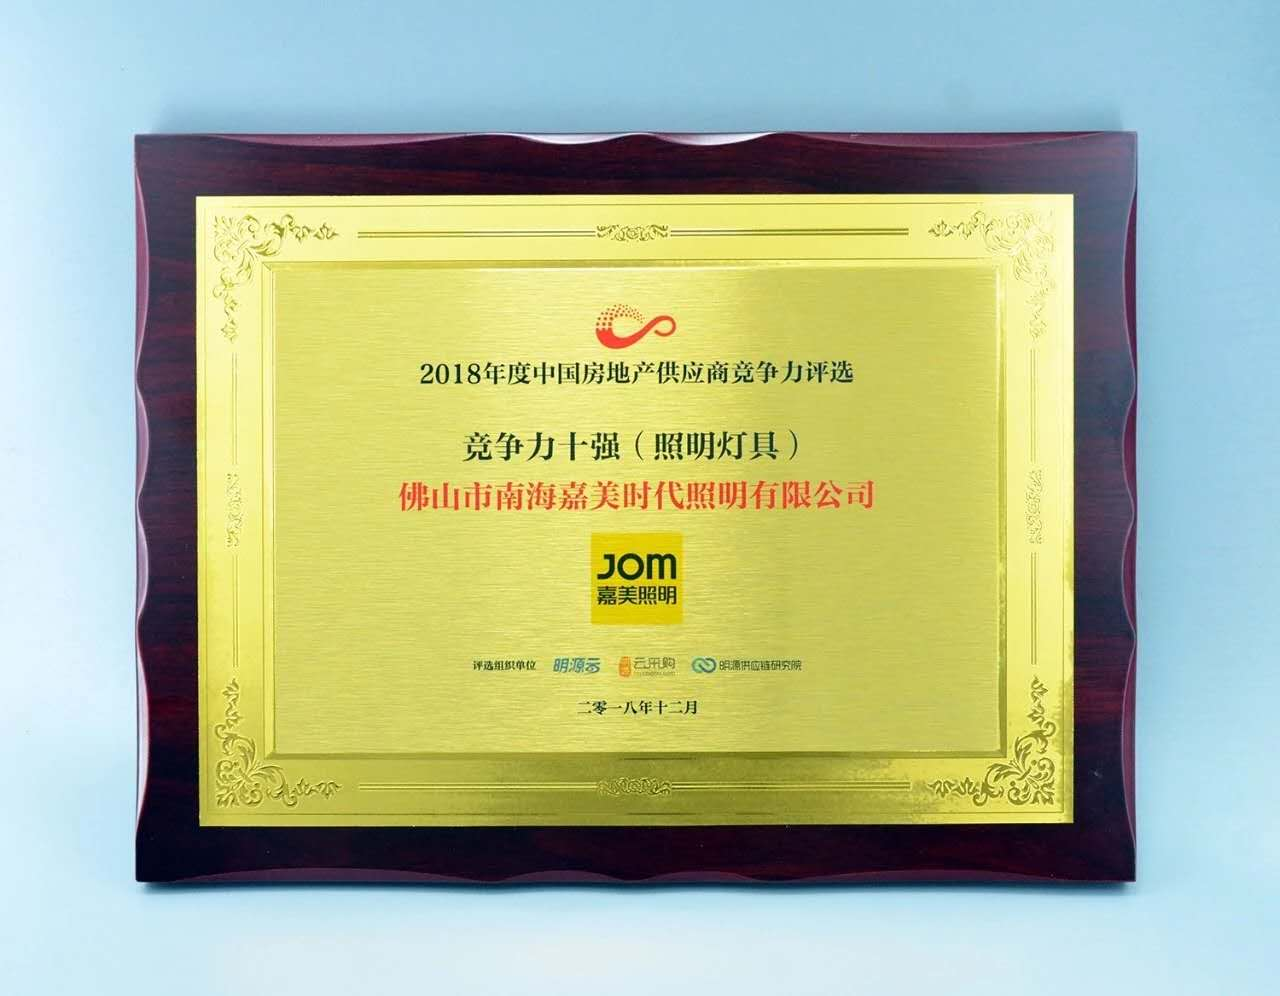 12月嘉美照明参加2018年度中国房地产供应商竞争力评选,嘉美照明:荣获竞争力十强(照明灯具)